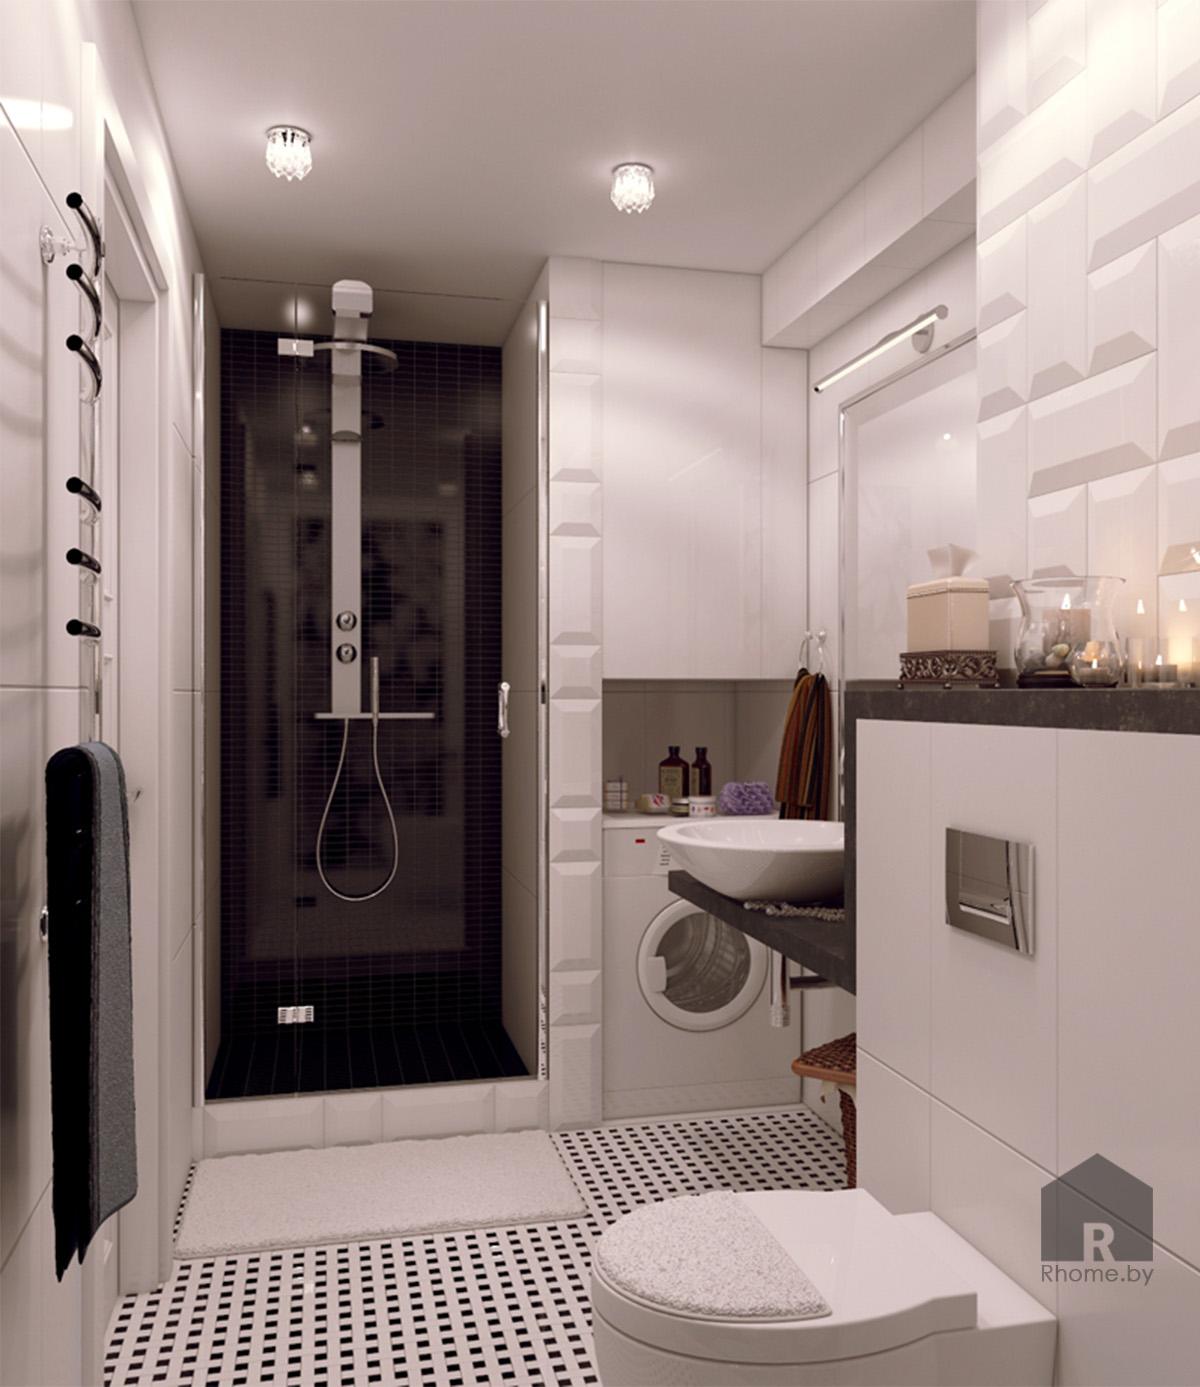 Дизайн интерьера ванной в традиционном стиле | Дизайн студия – Rhome.by